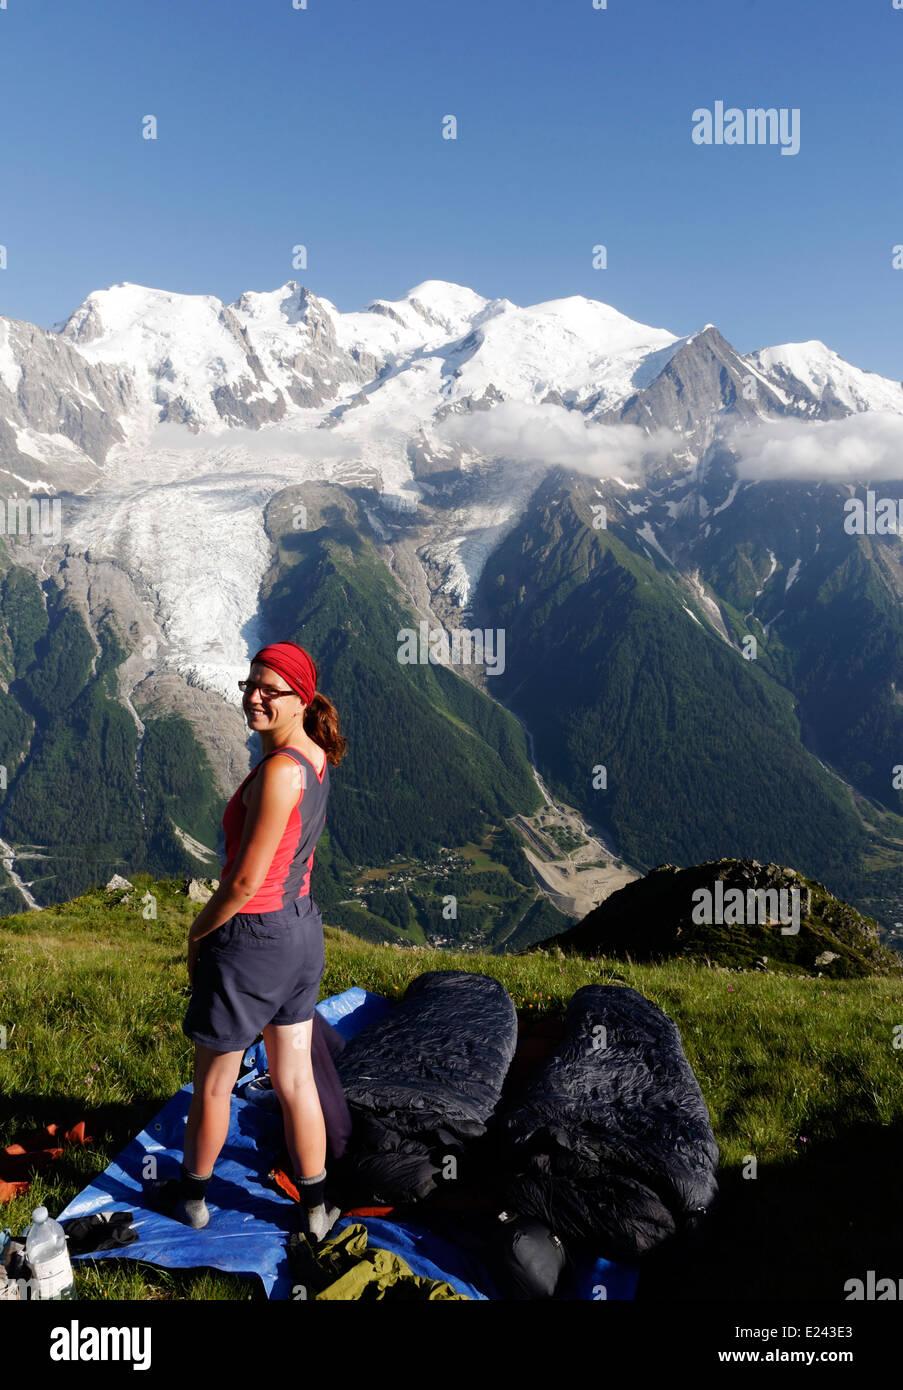 Une dame à un camp sauvage sur le Brévent, dans les Alpes françaises avec le massif du Mont Blanc Photo Stock